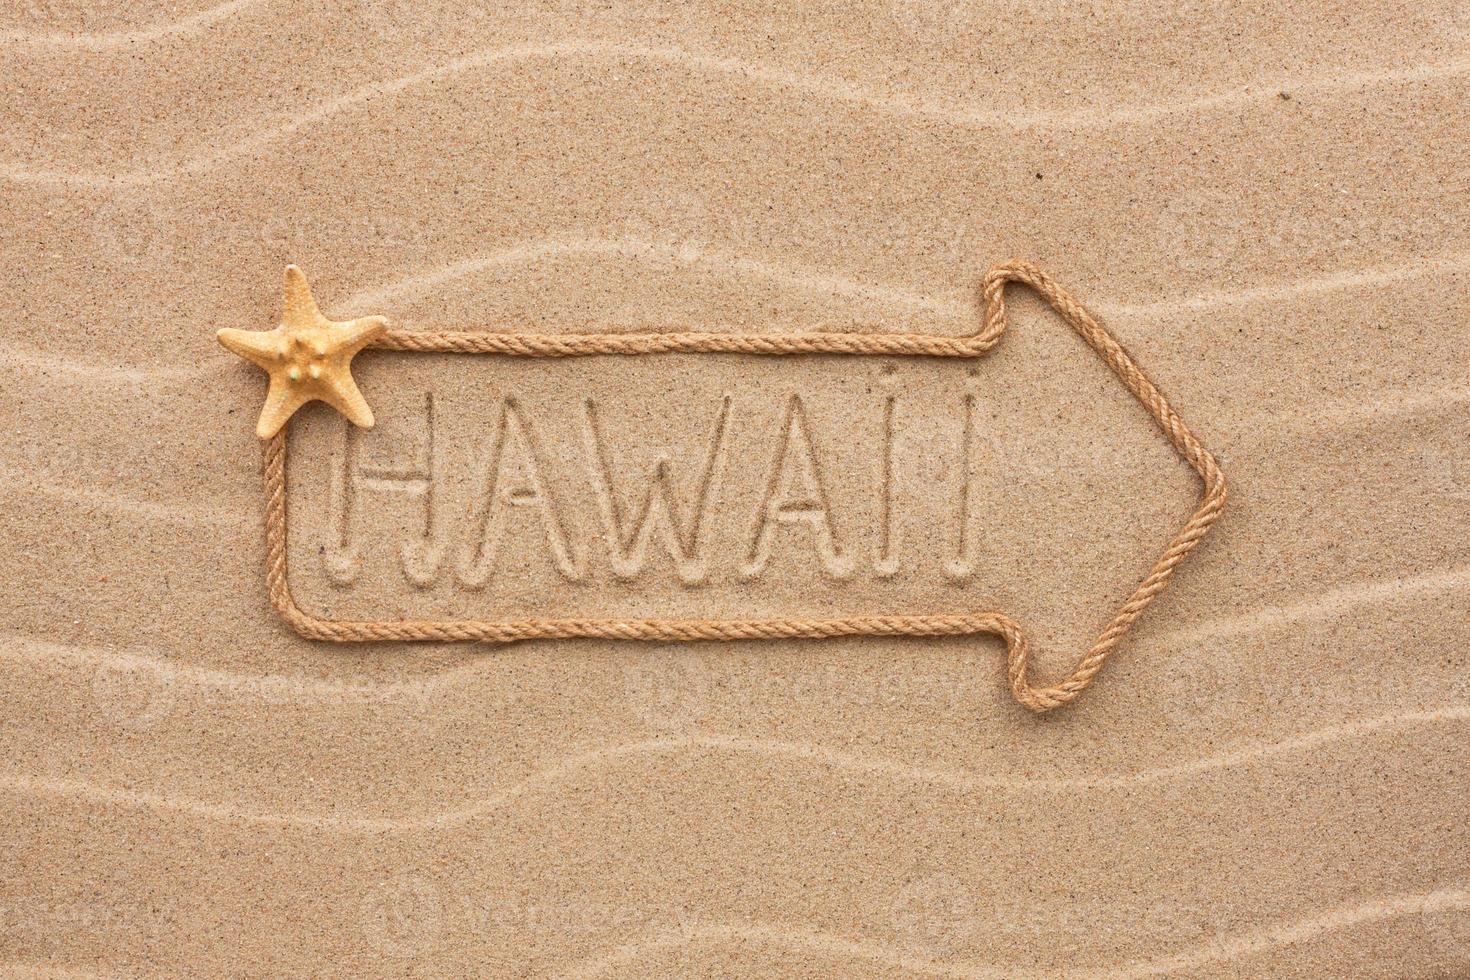 pijl gemaakt van touw met het woord hawaii foto